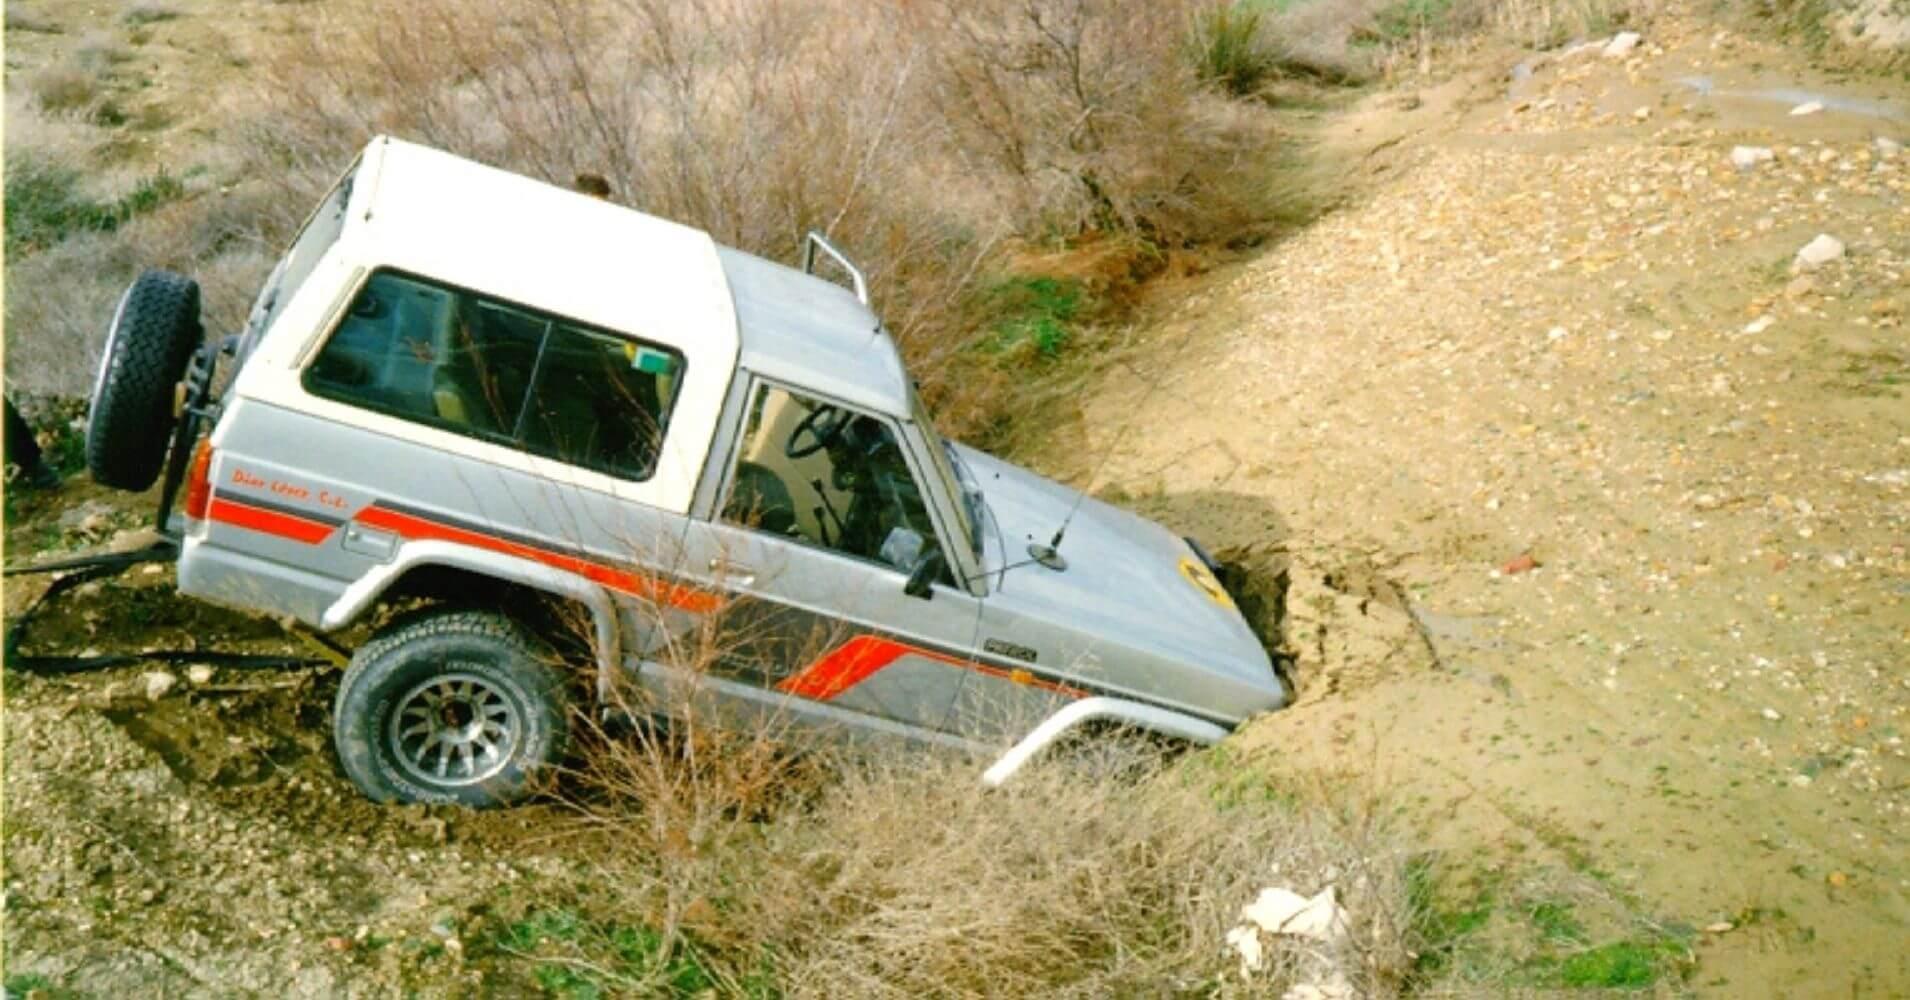 Nissan Patrol quedado en el barro. Rutas 4X4 en España.